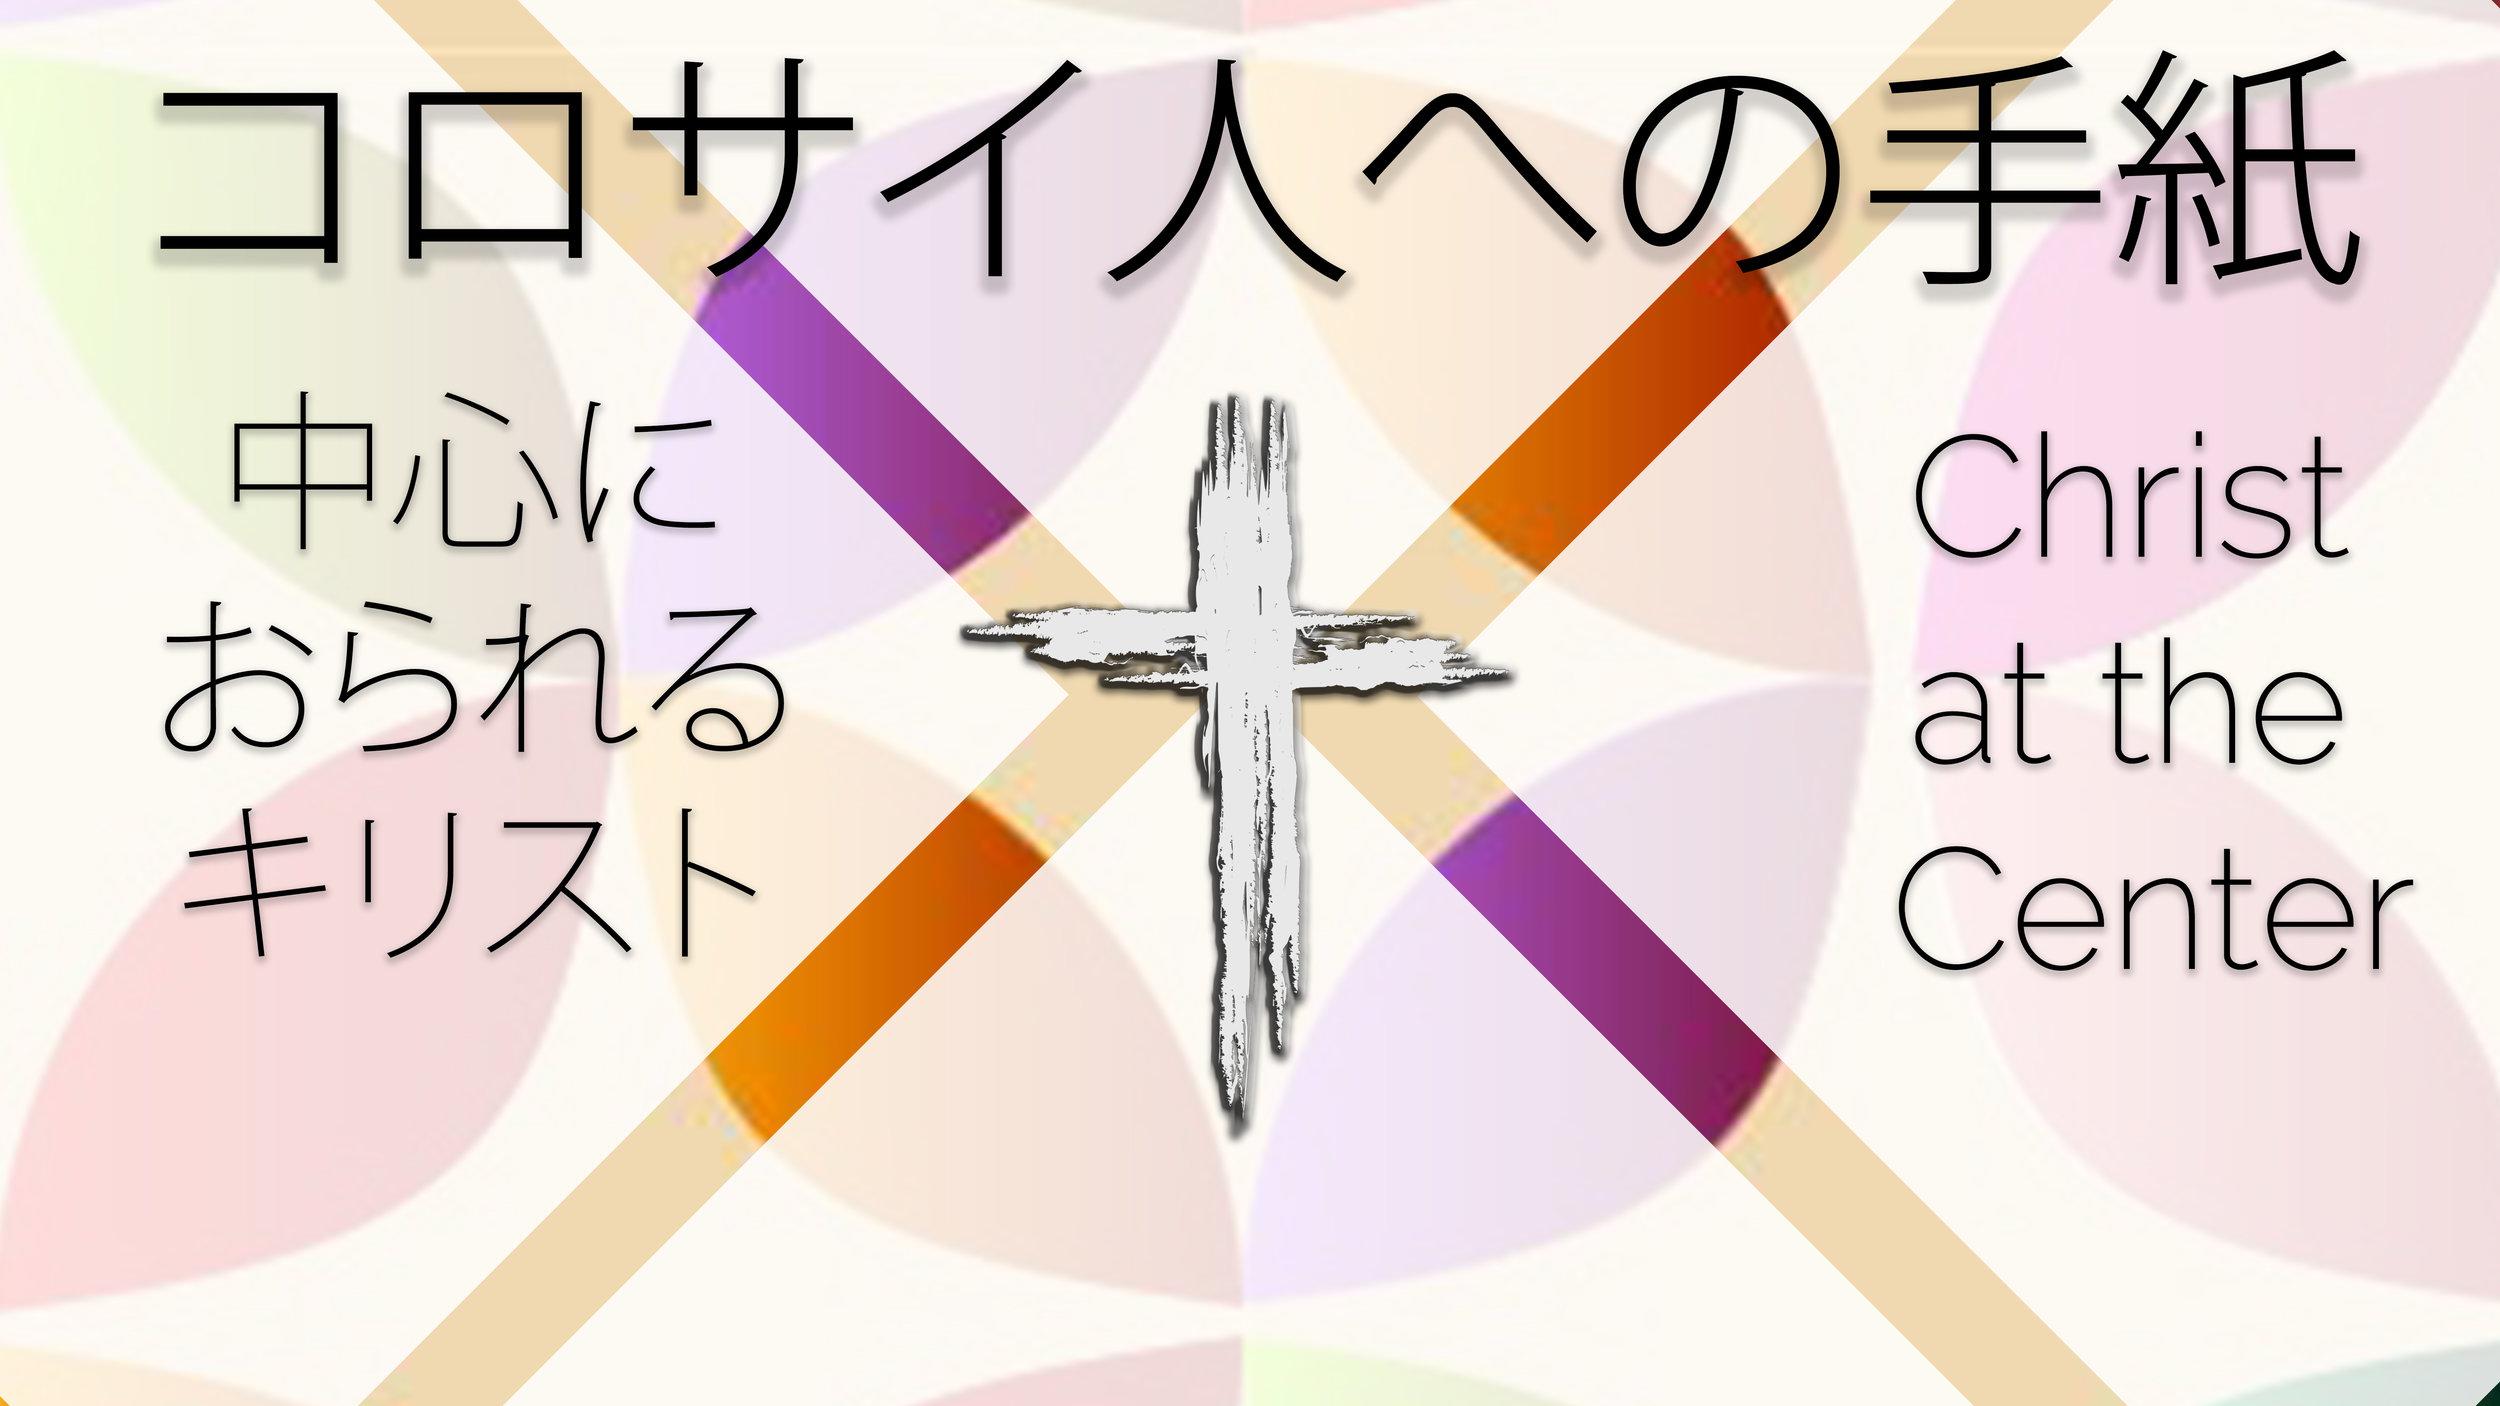 Christ at the Center_no logo full.jpg